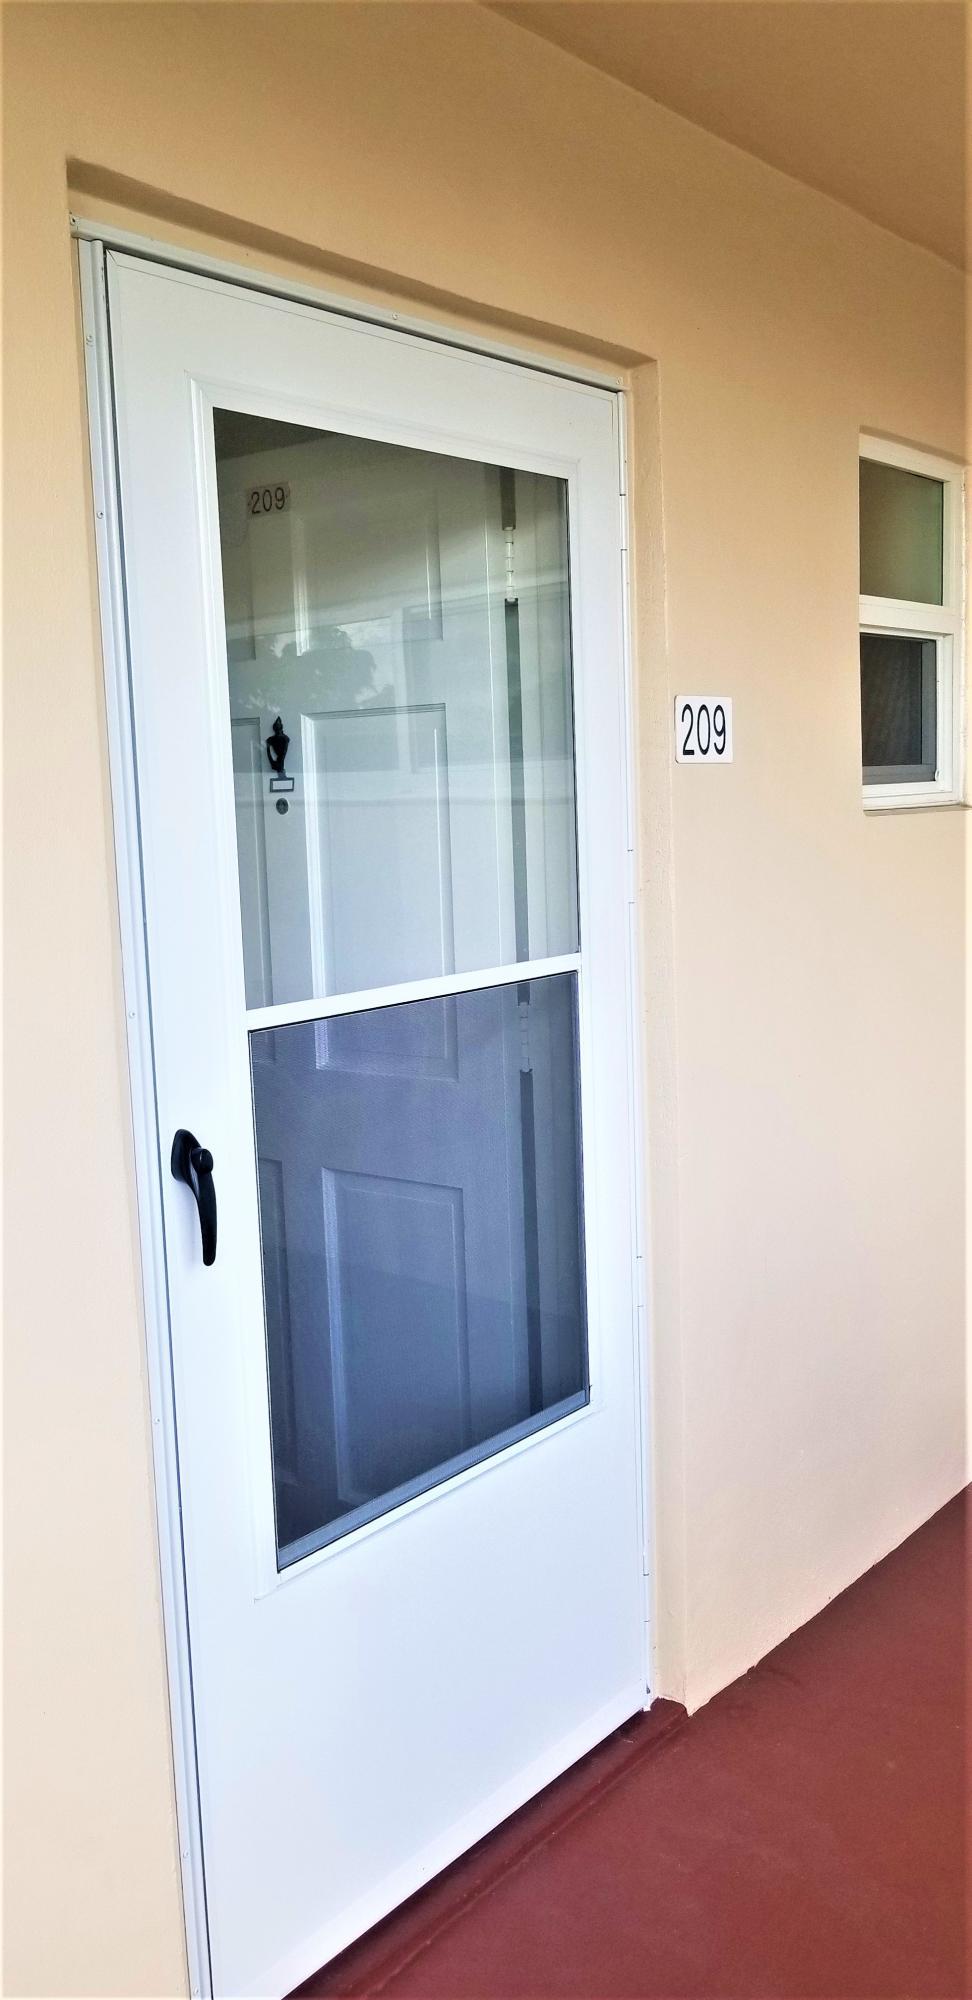 2770 Gardens Drive, Lake Worth, Florida 33461, 2 Bedrooms Bedrooms, ,2 BathroomsBathrooms,Condo/Coop,For Sale,Gardens,2,RX-10485557